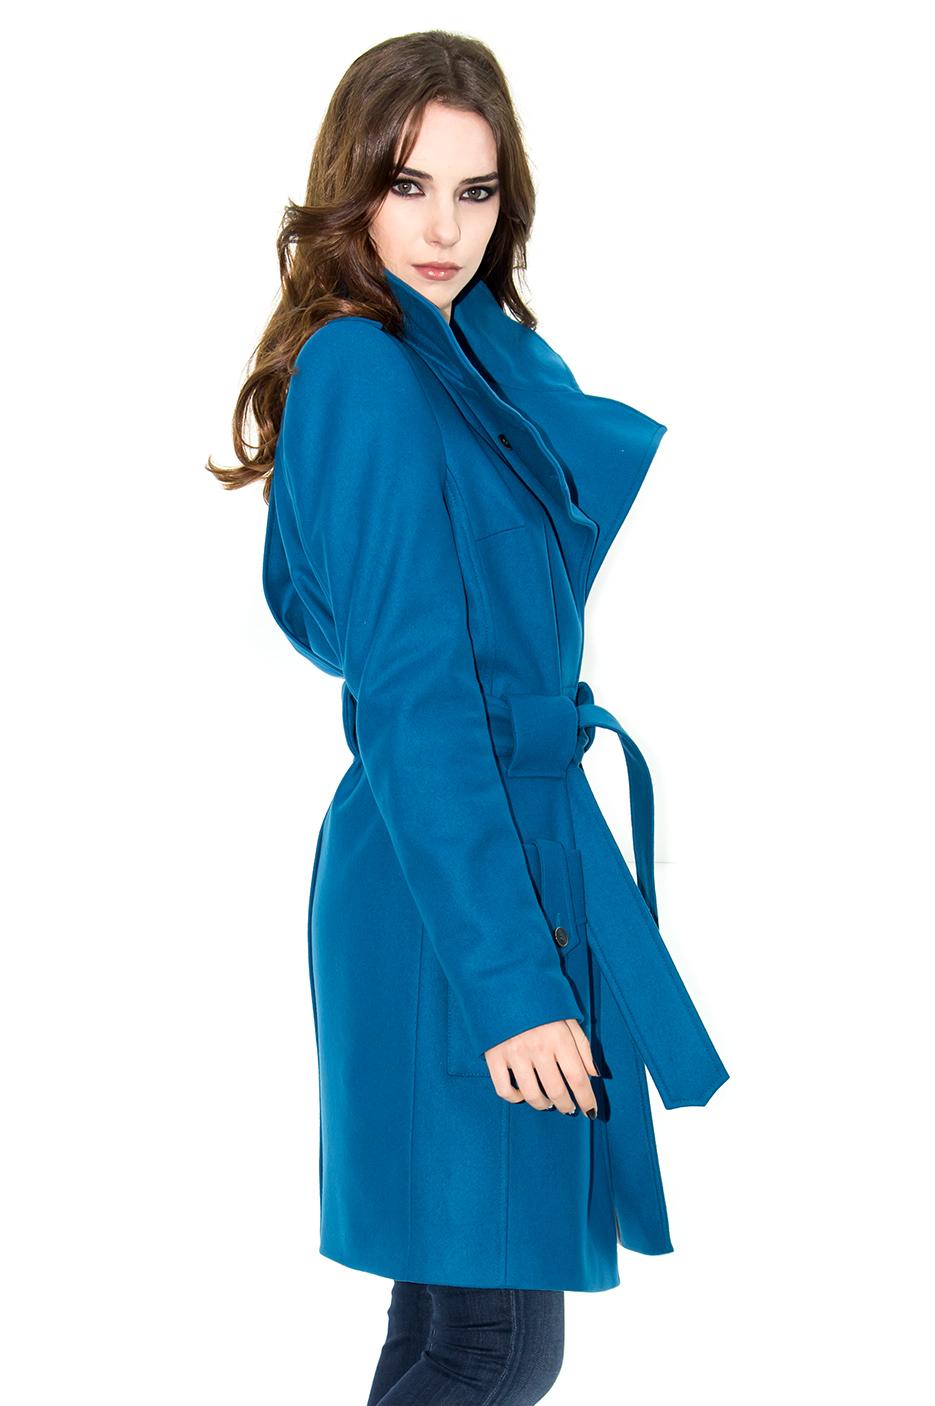 manteau cachemire manteau bleu manteau mode manteau femme stefanie renoma. Black Bedroom Furniture Sets. Home Design Ideas